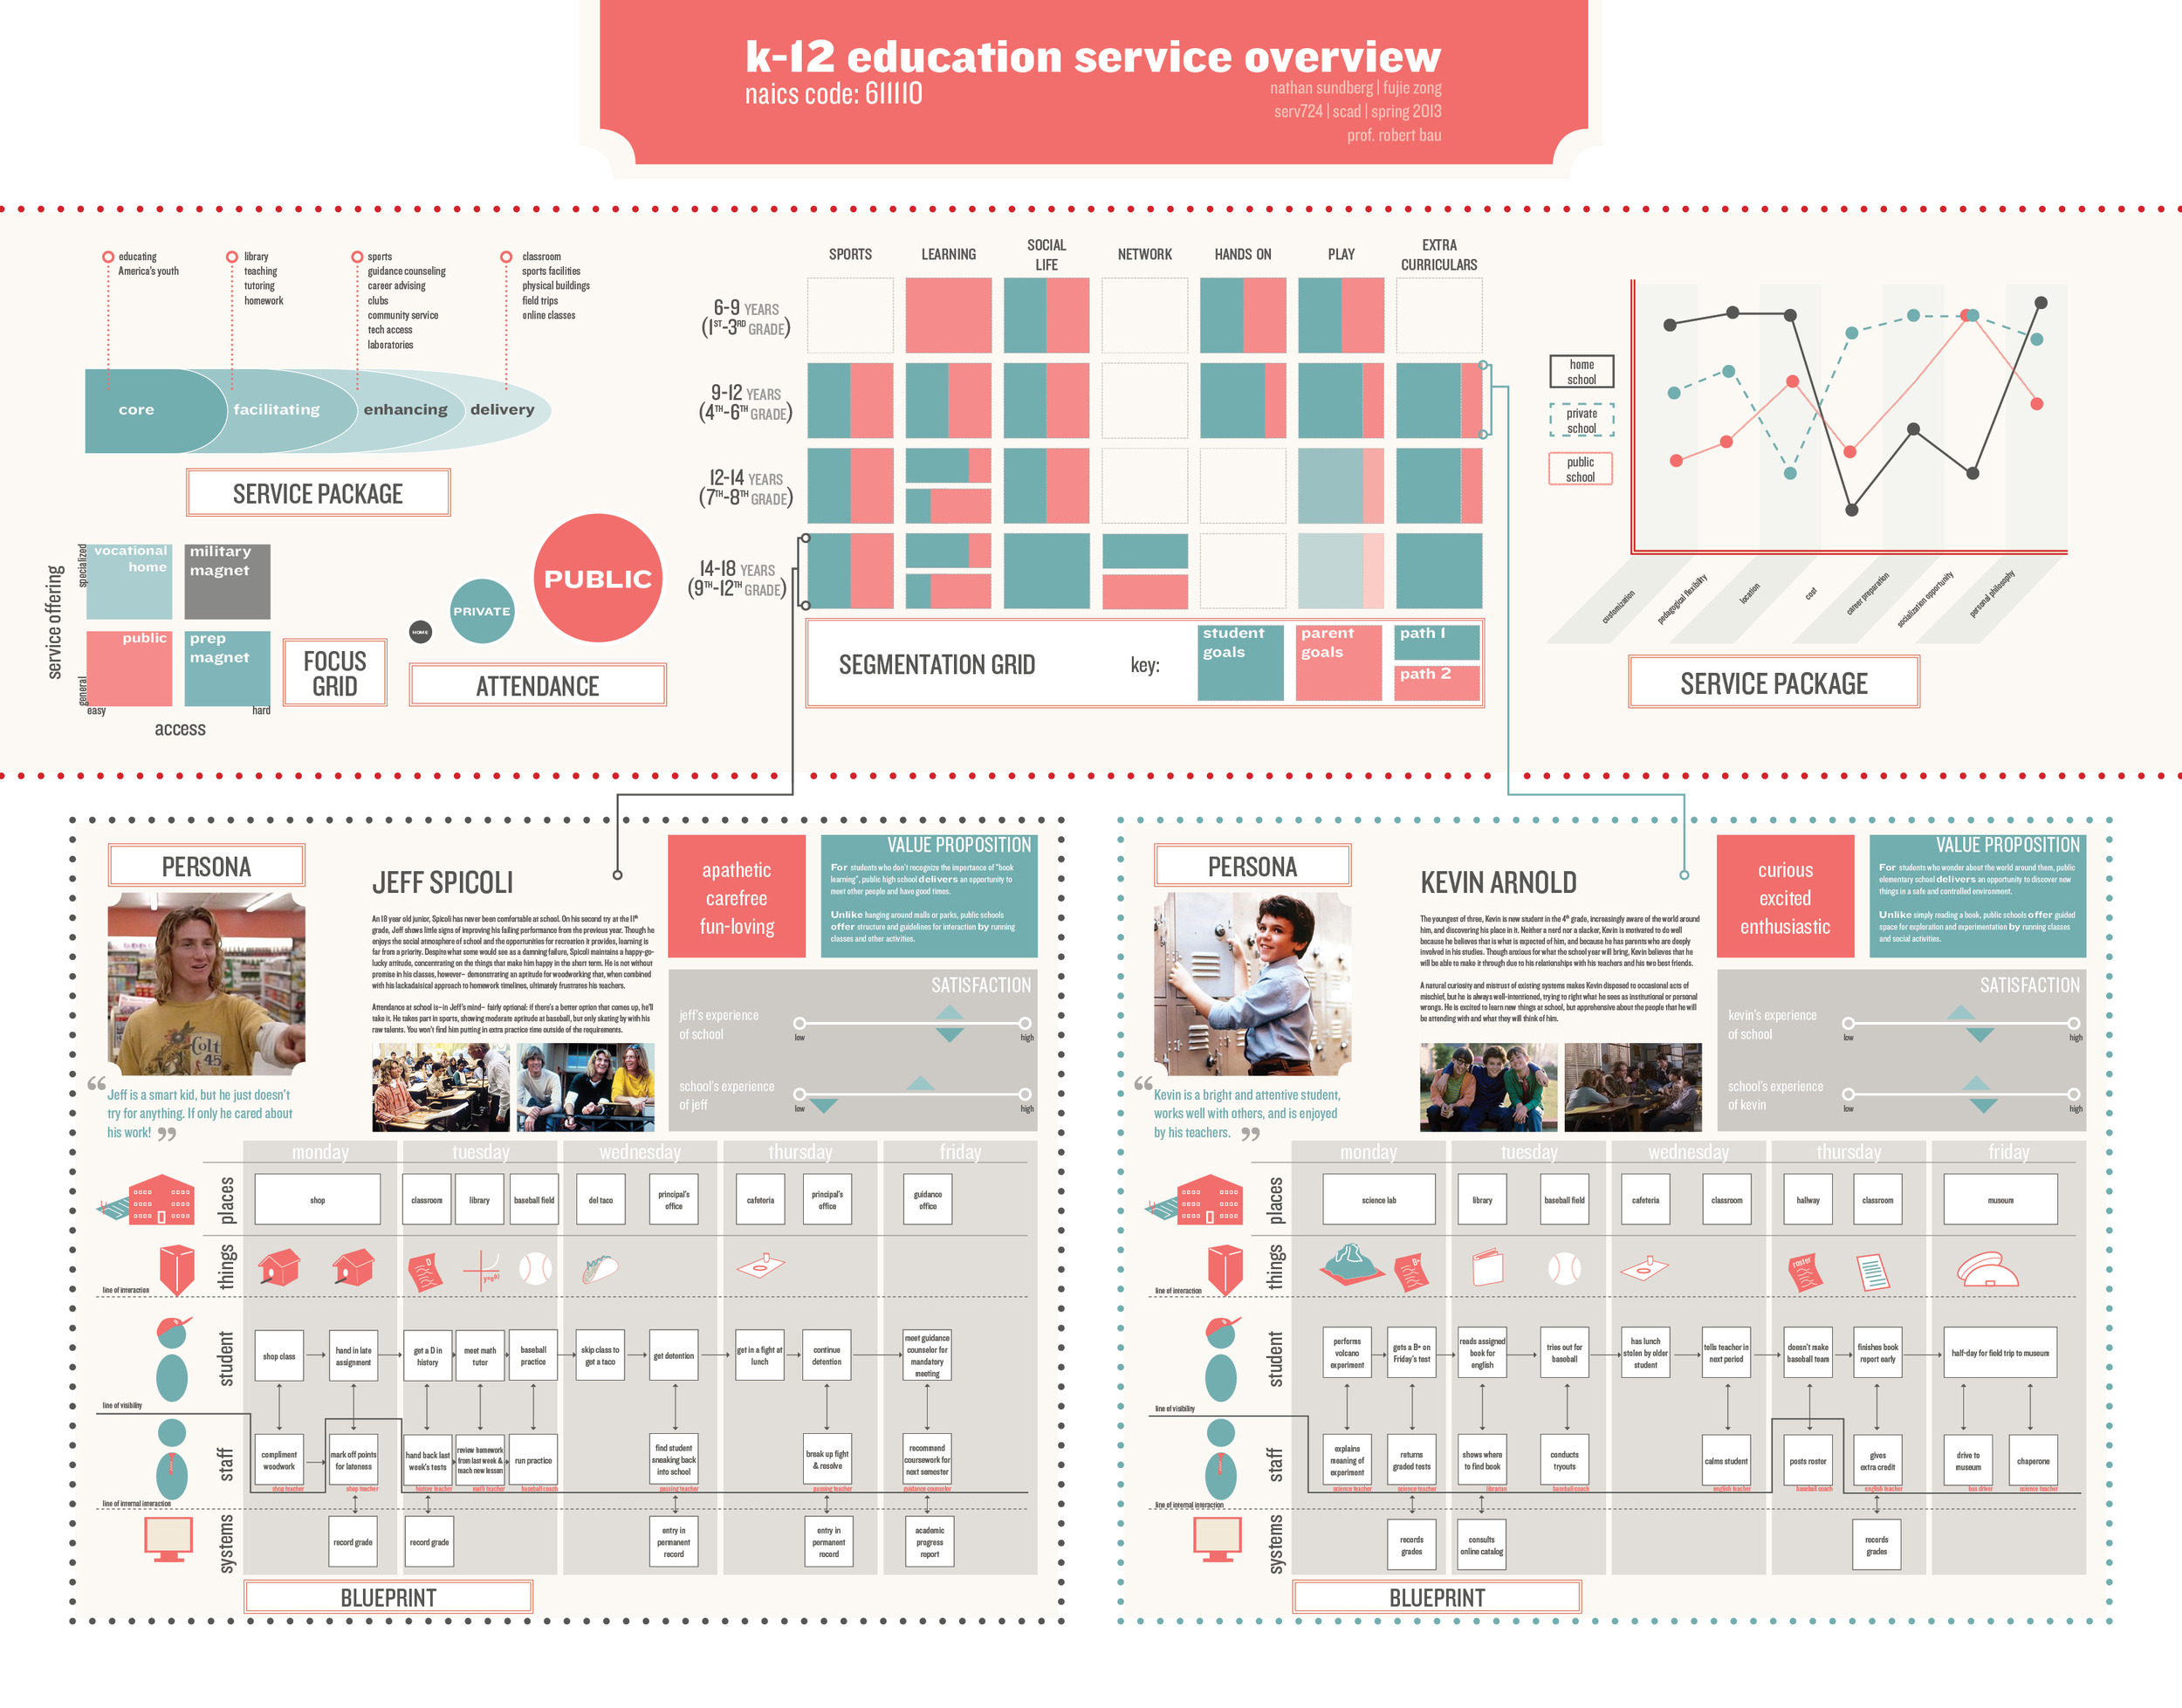 K-12 Service Overview FINAL.jpg